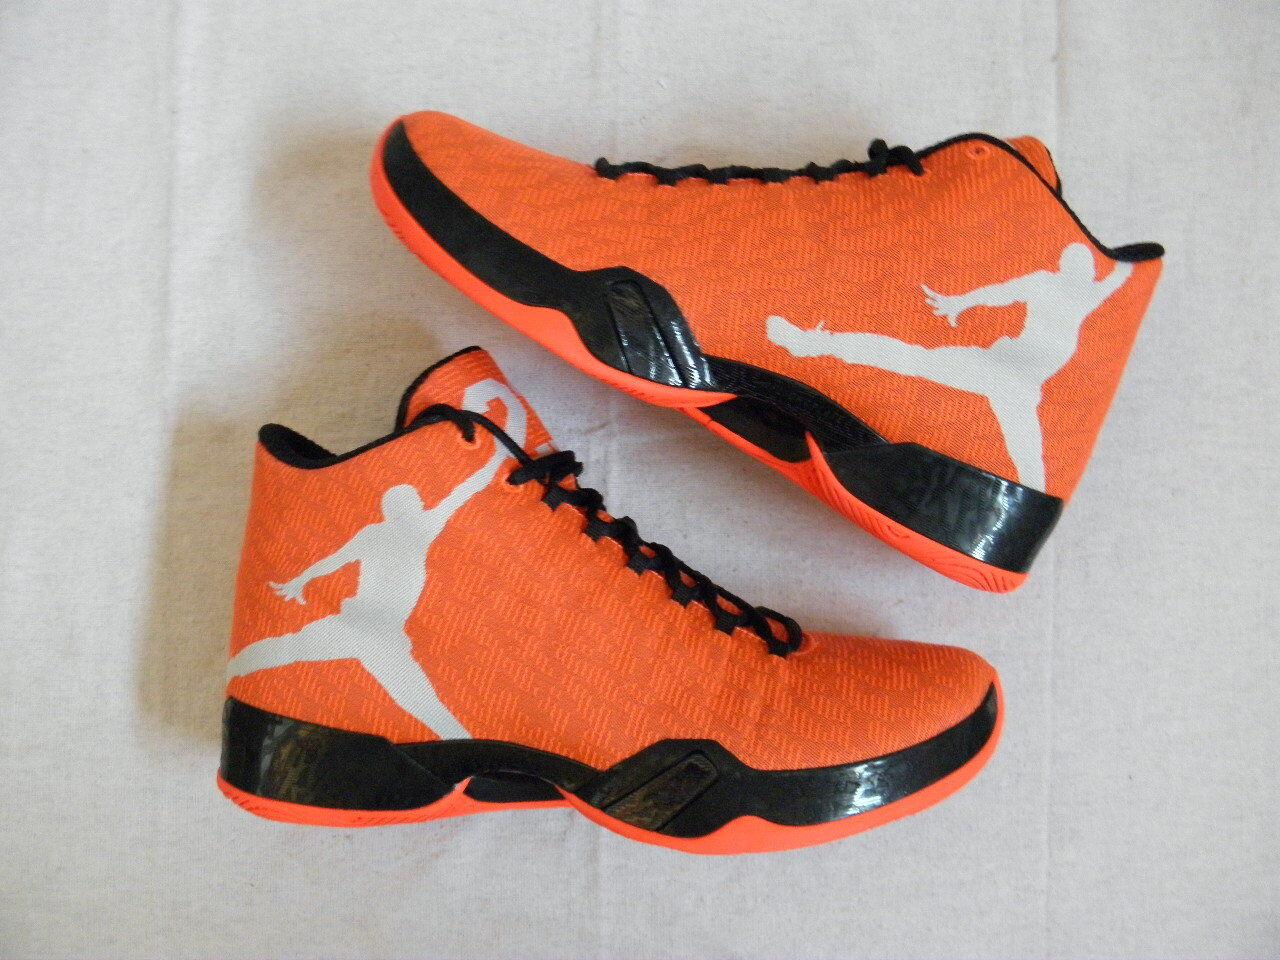 Nike Air Jordan XX9 29 XXIX Infrared size 11 XI VI 6 DS NEW NIB XXX1 31 BHM